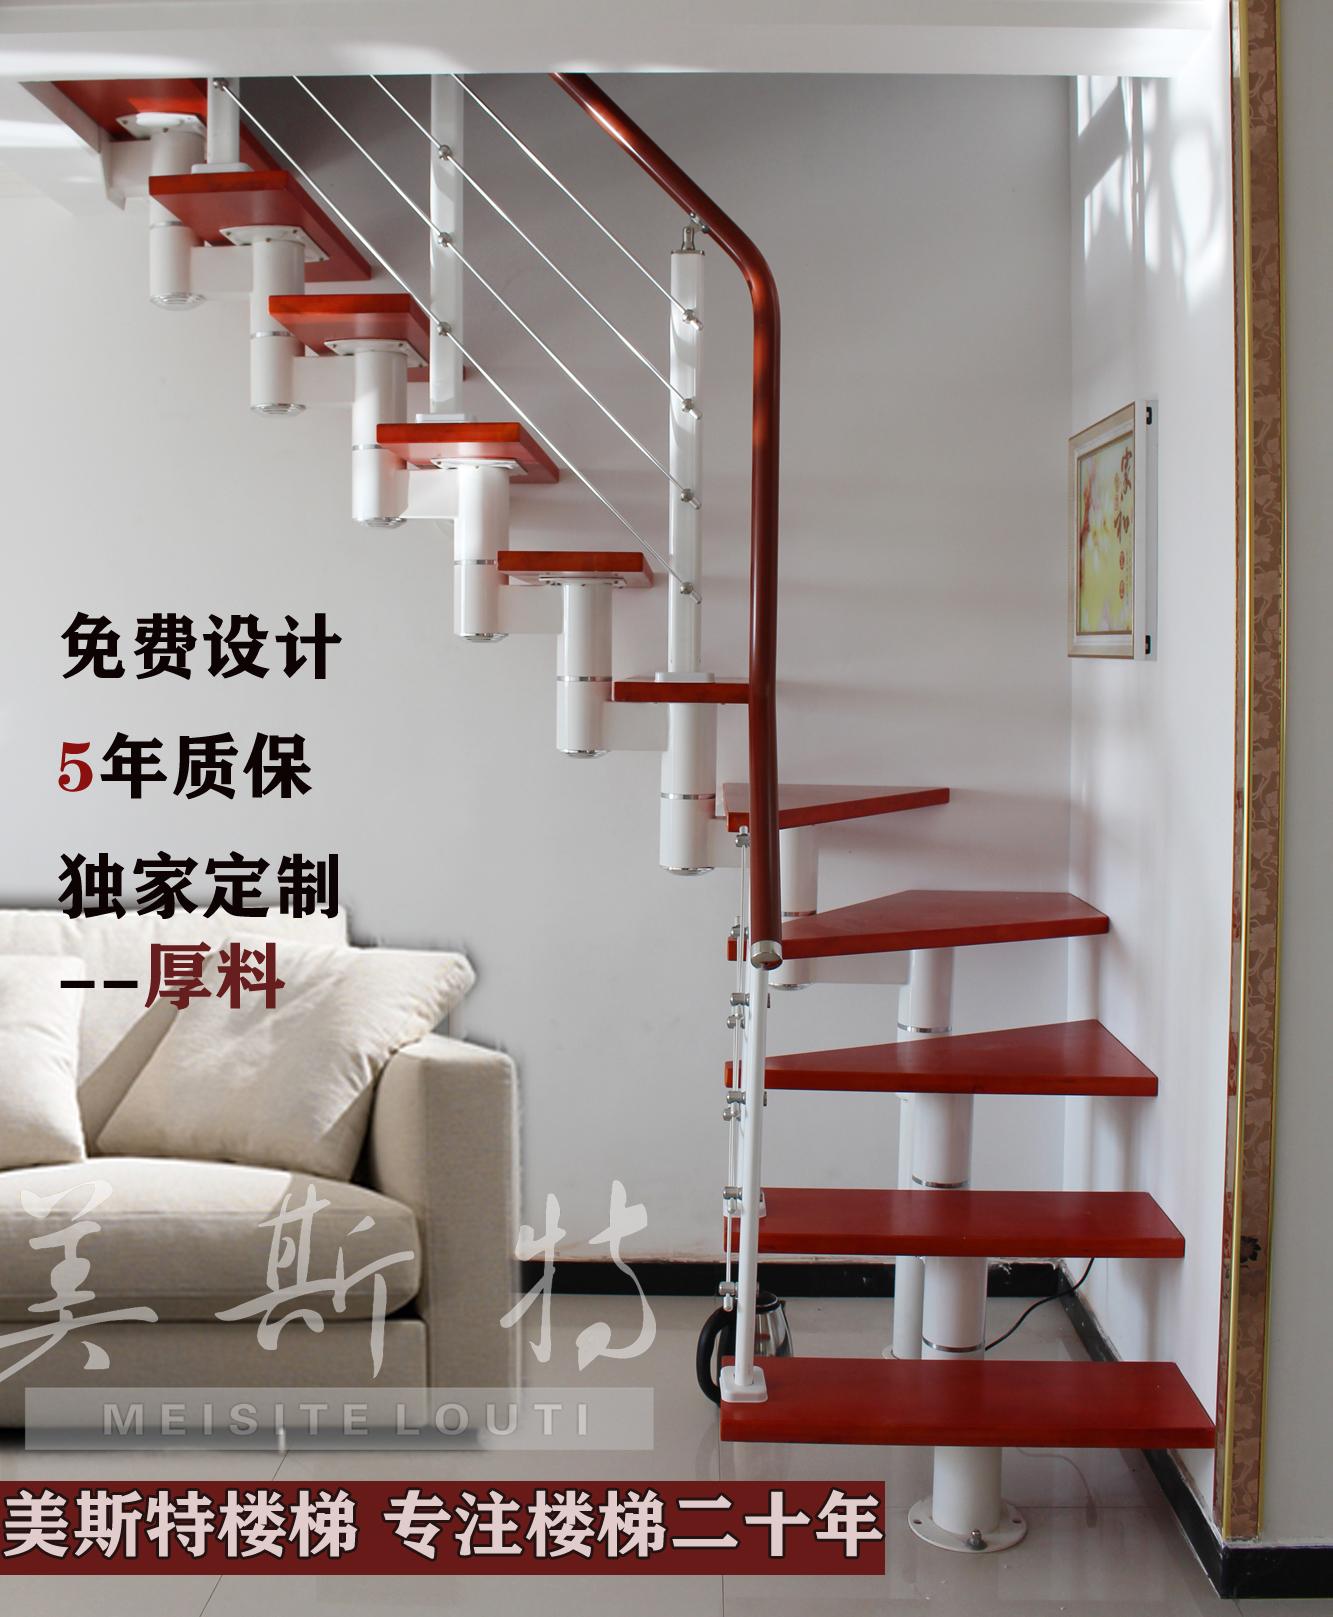 楼梯钢木室内阁楼楼梯 整梯 复式楼梯 脊索加厚家用  定制L型厂家